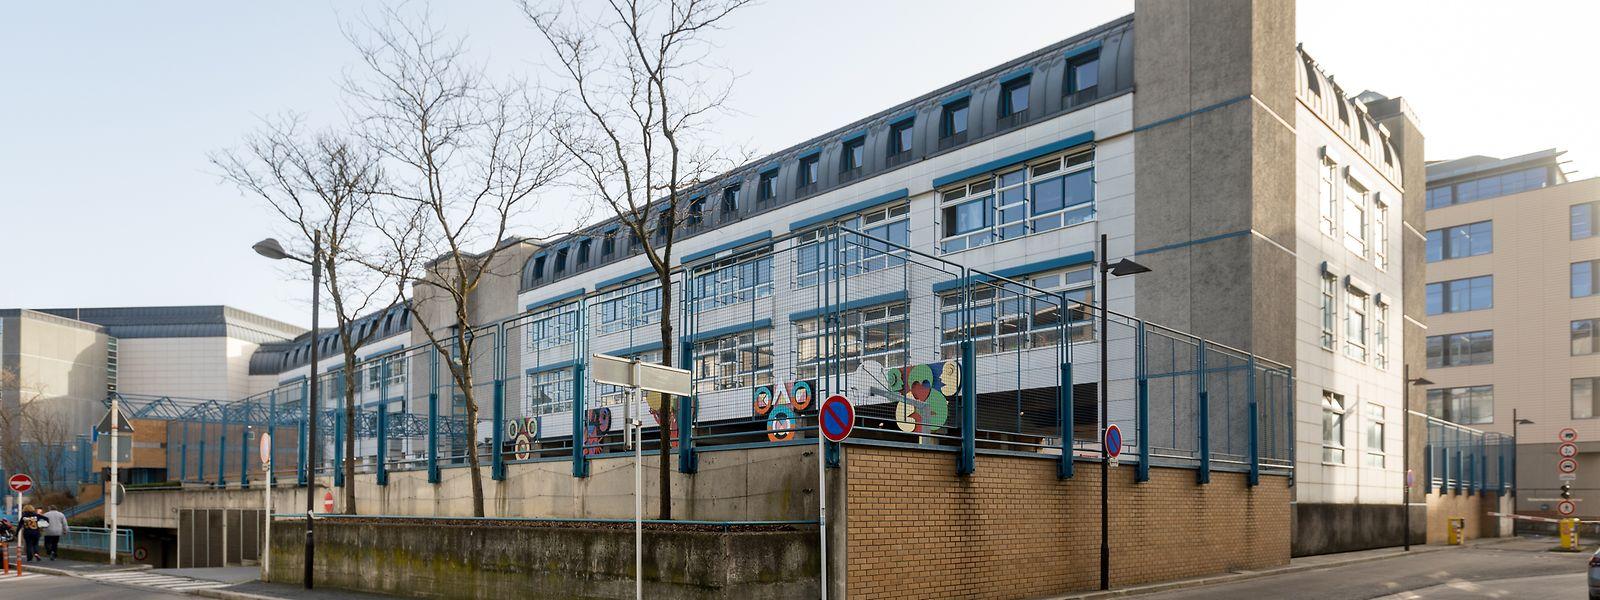 Unter anderem die Schule in der Rue du Commerce steht im Mittelpunkt der Diskussionen.